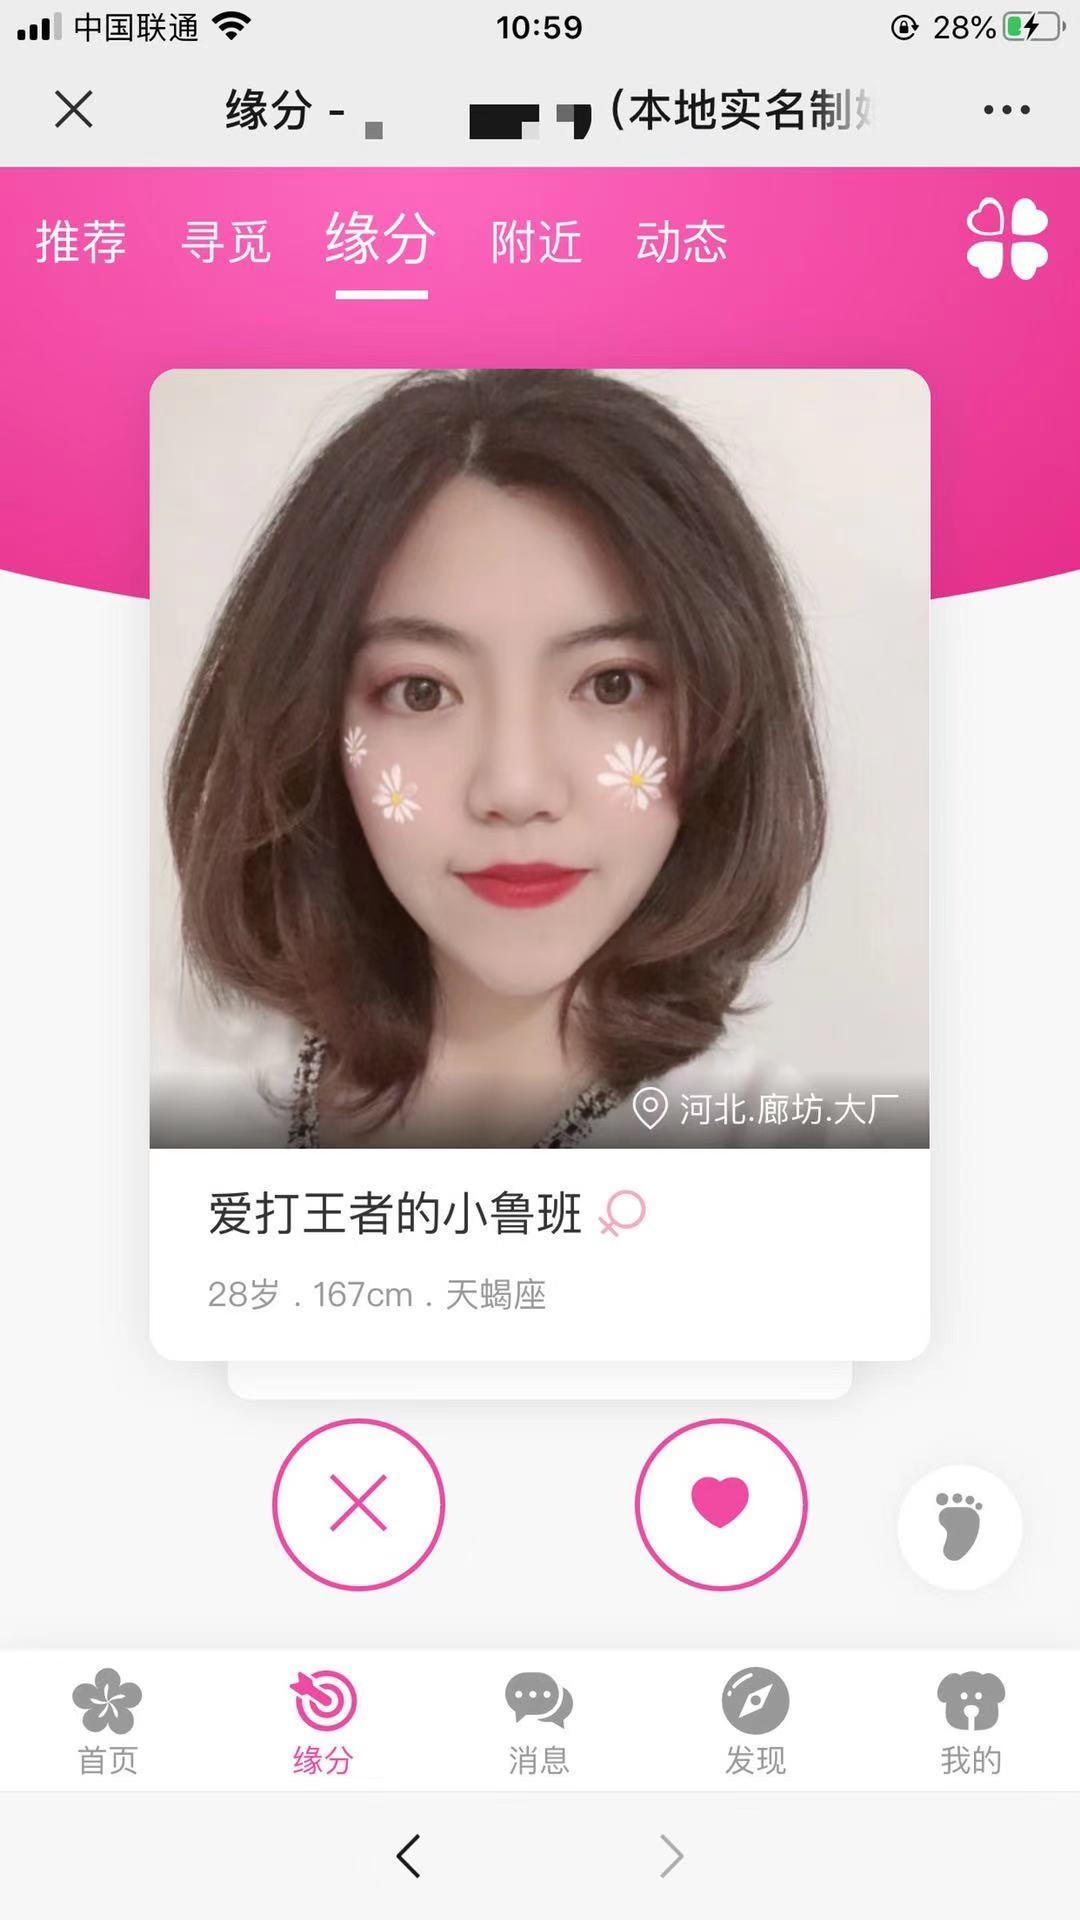 061 婚恋相亲交友系统,开源仿伊对app相亲源码